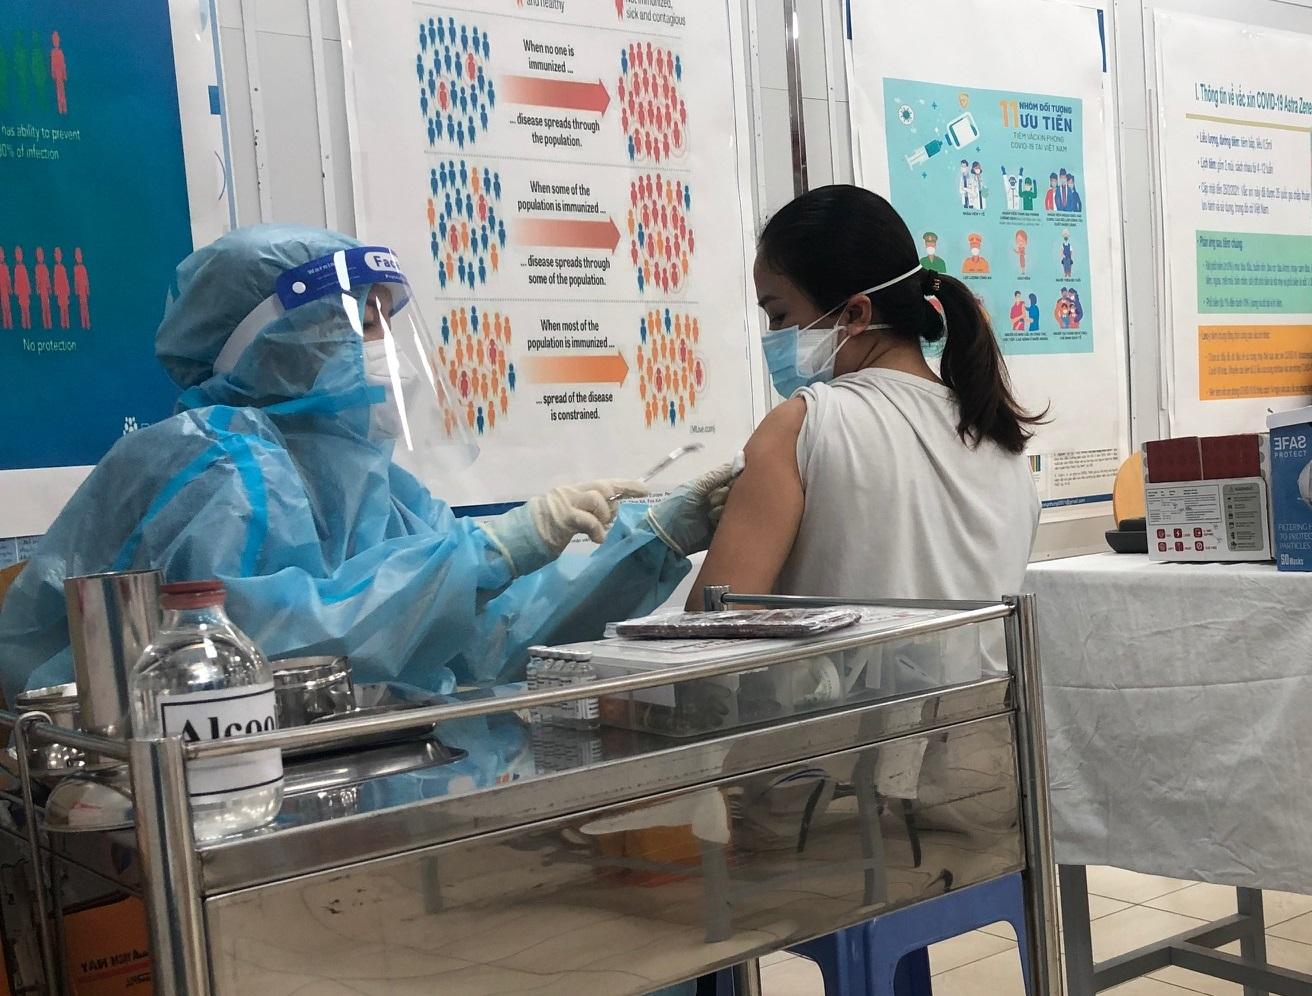 Tiêm vắc-xin COVID-19 mũi 2 cho người dân tại Bệnh viện Nguyễn Tri Phương, TPHCM sáng 10/9